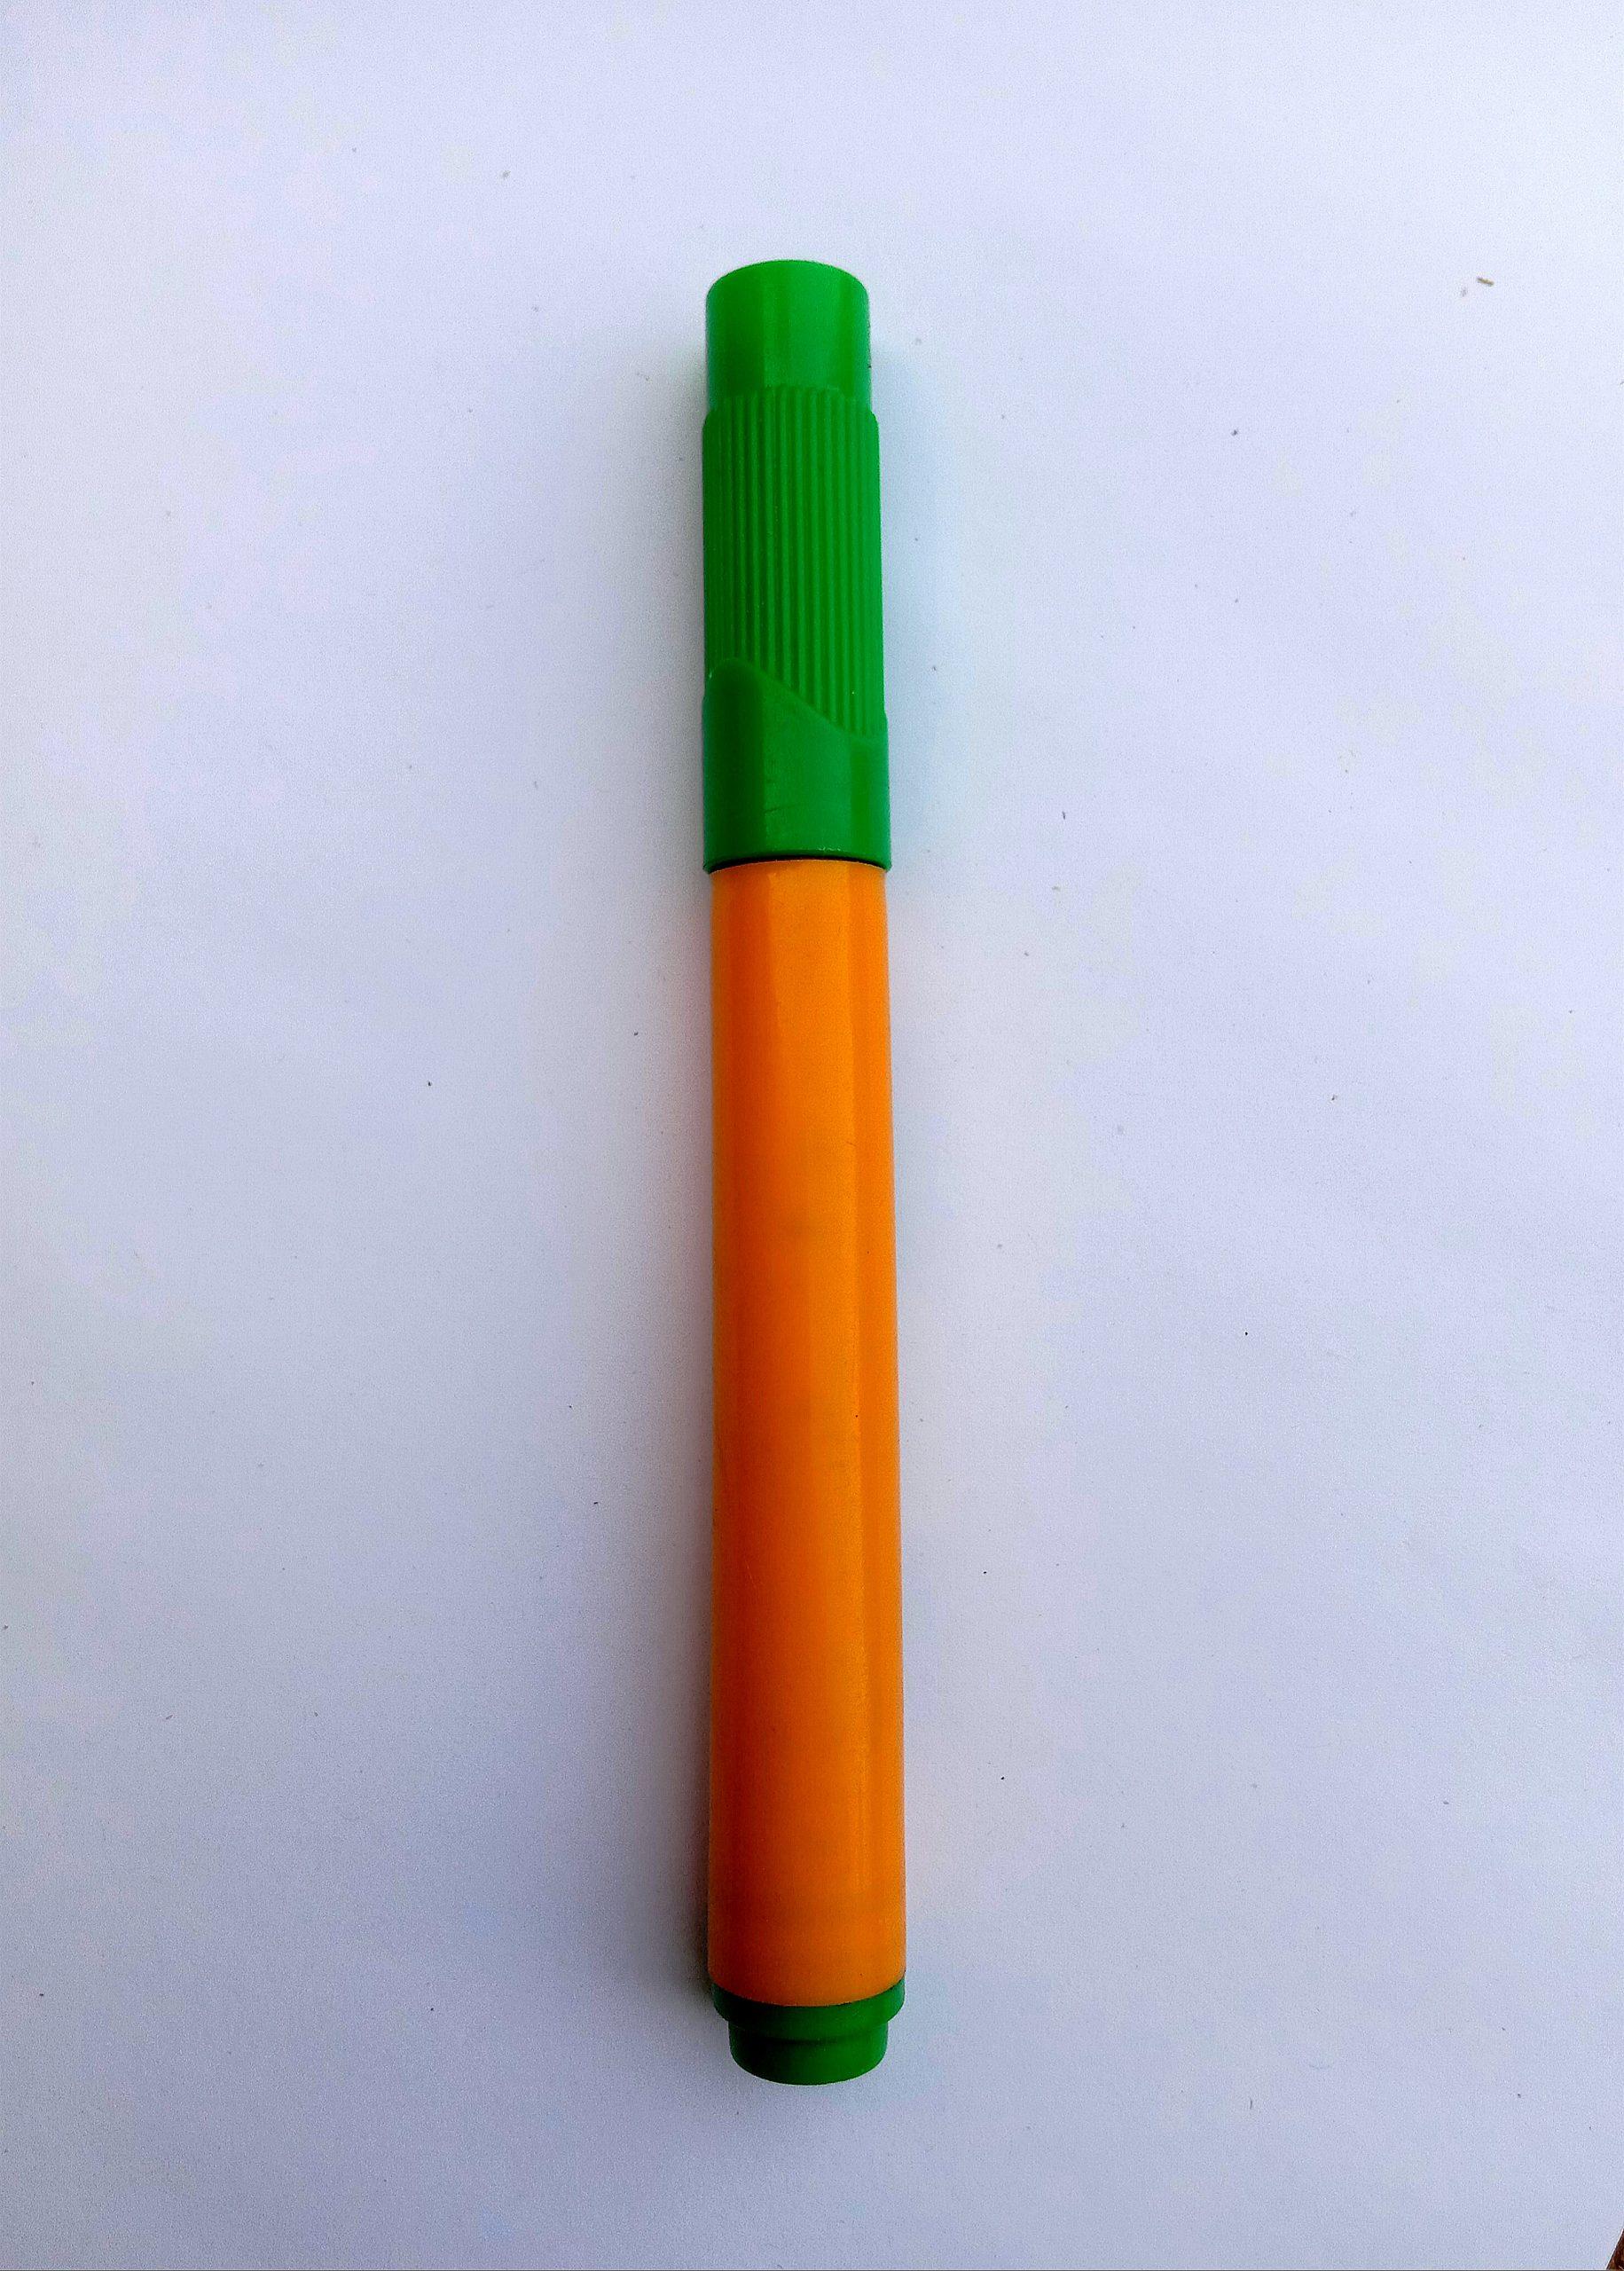 A color pen